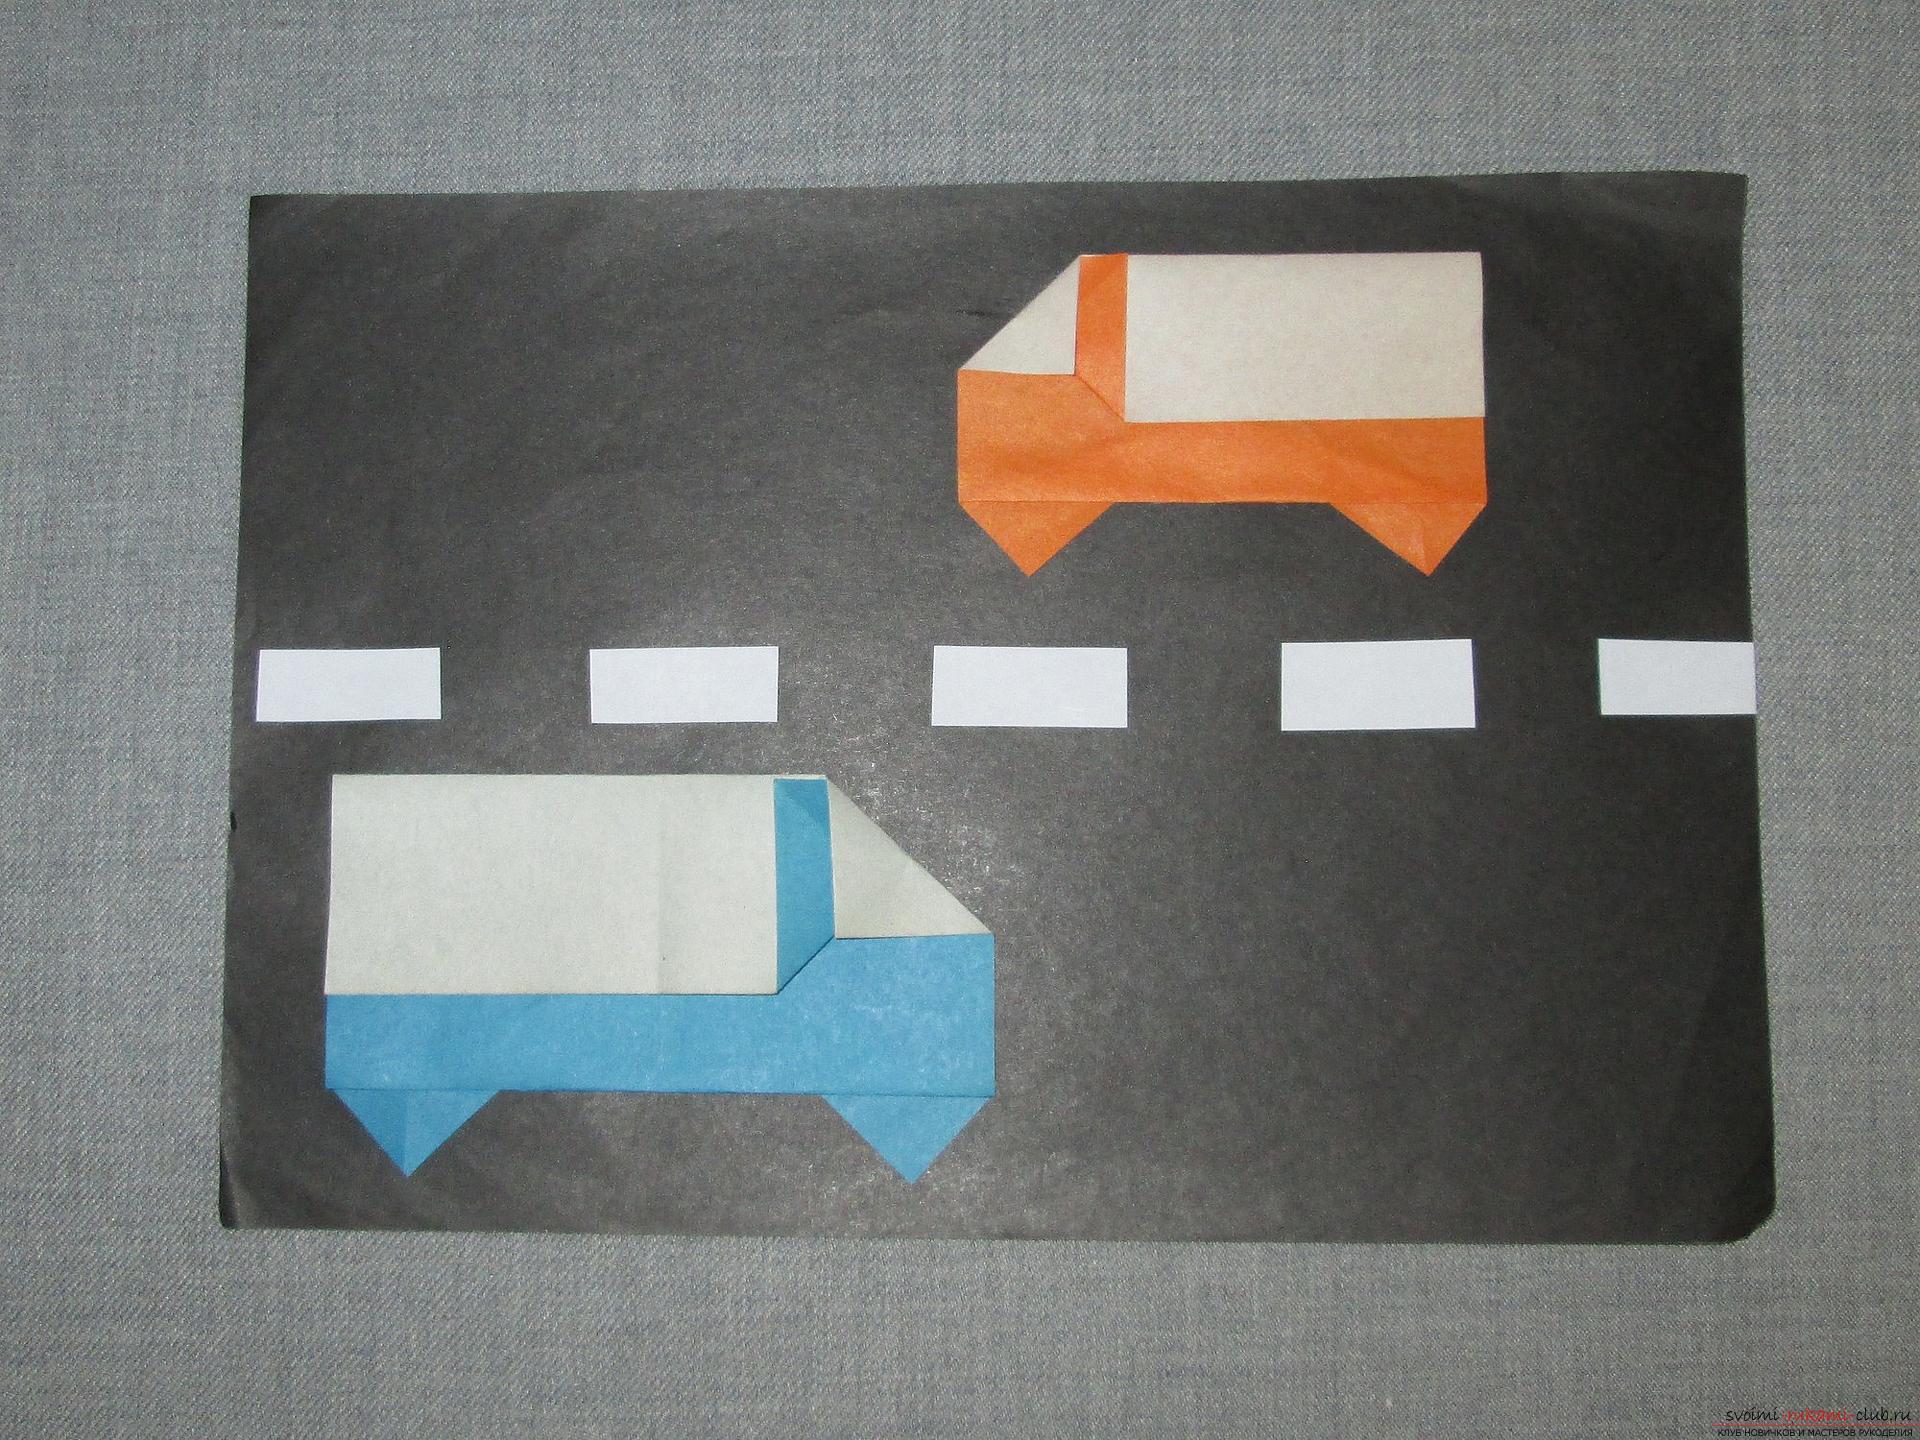 Схема освещения с двумя проходными выключателями 50